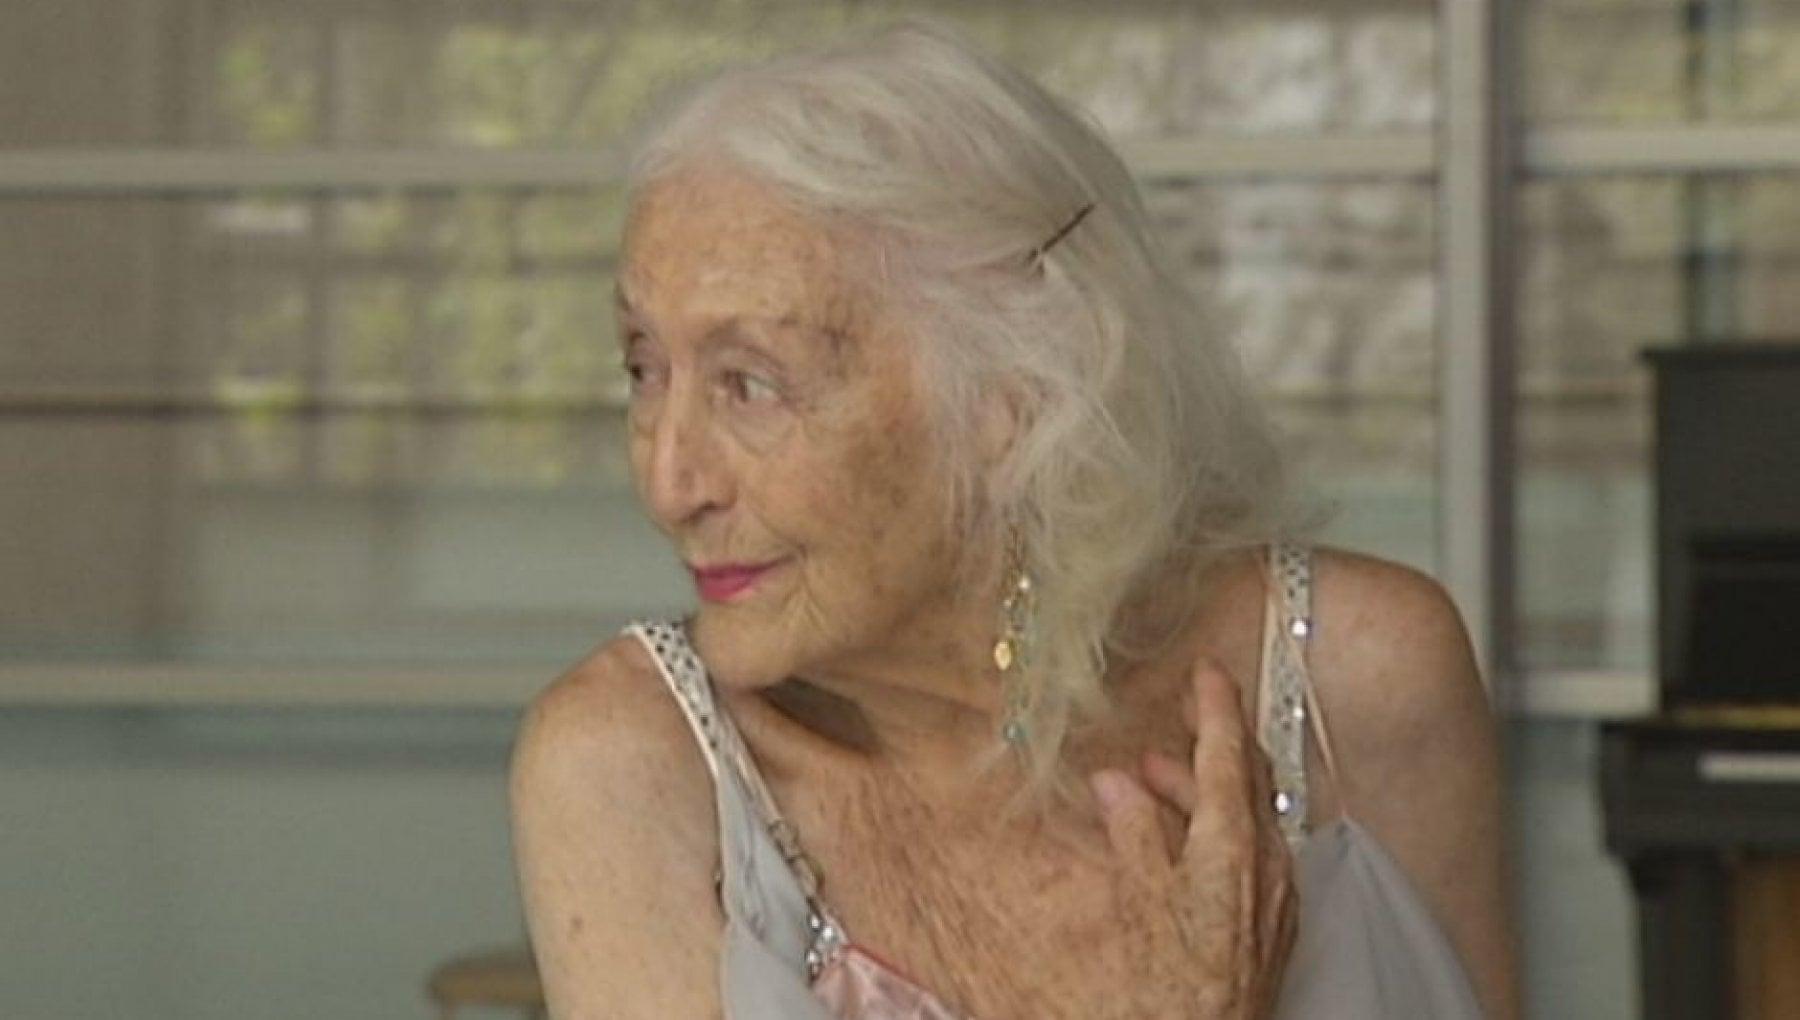 """113957922 2d369743 bcfc 4515 8197 6c8162447d37 - Eileen Kramer, 106 anni e non sentirli. Storia della ballerina più """"antica"""" del mondo"""